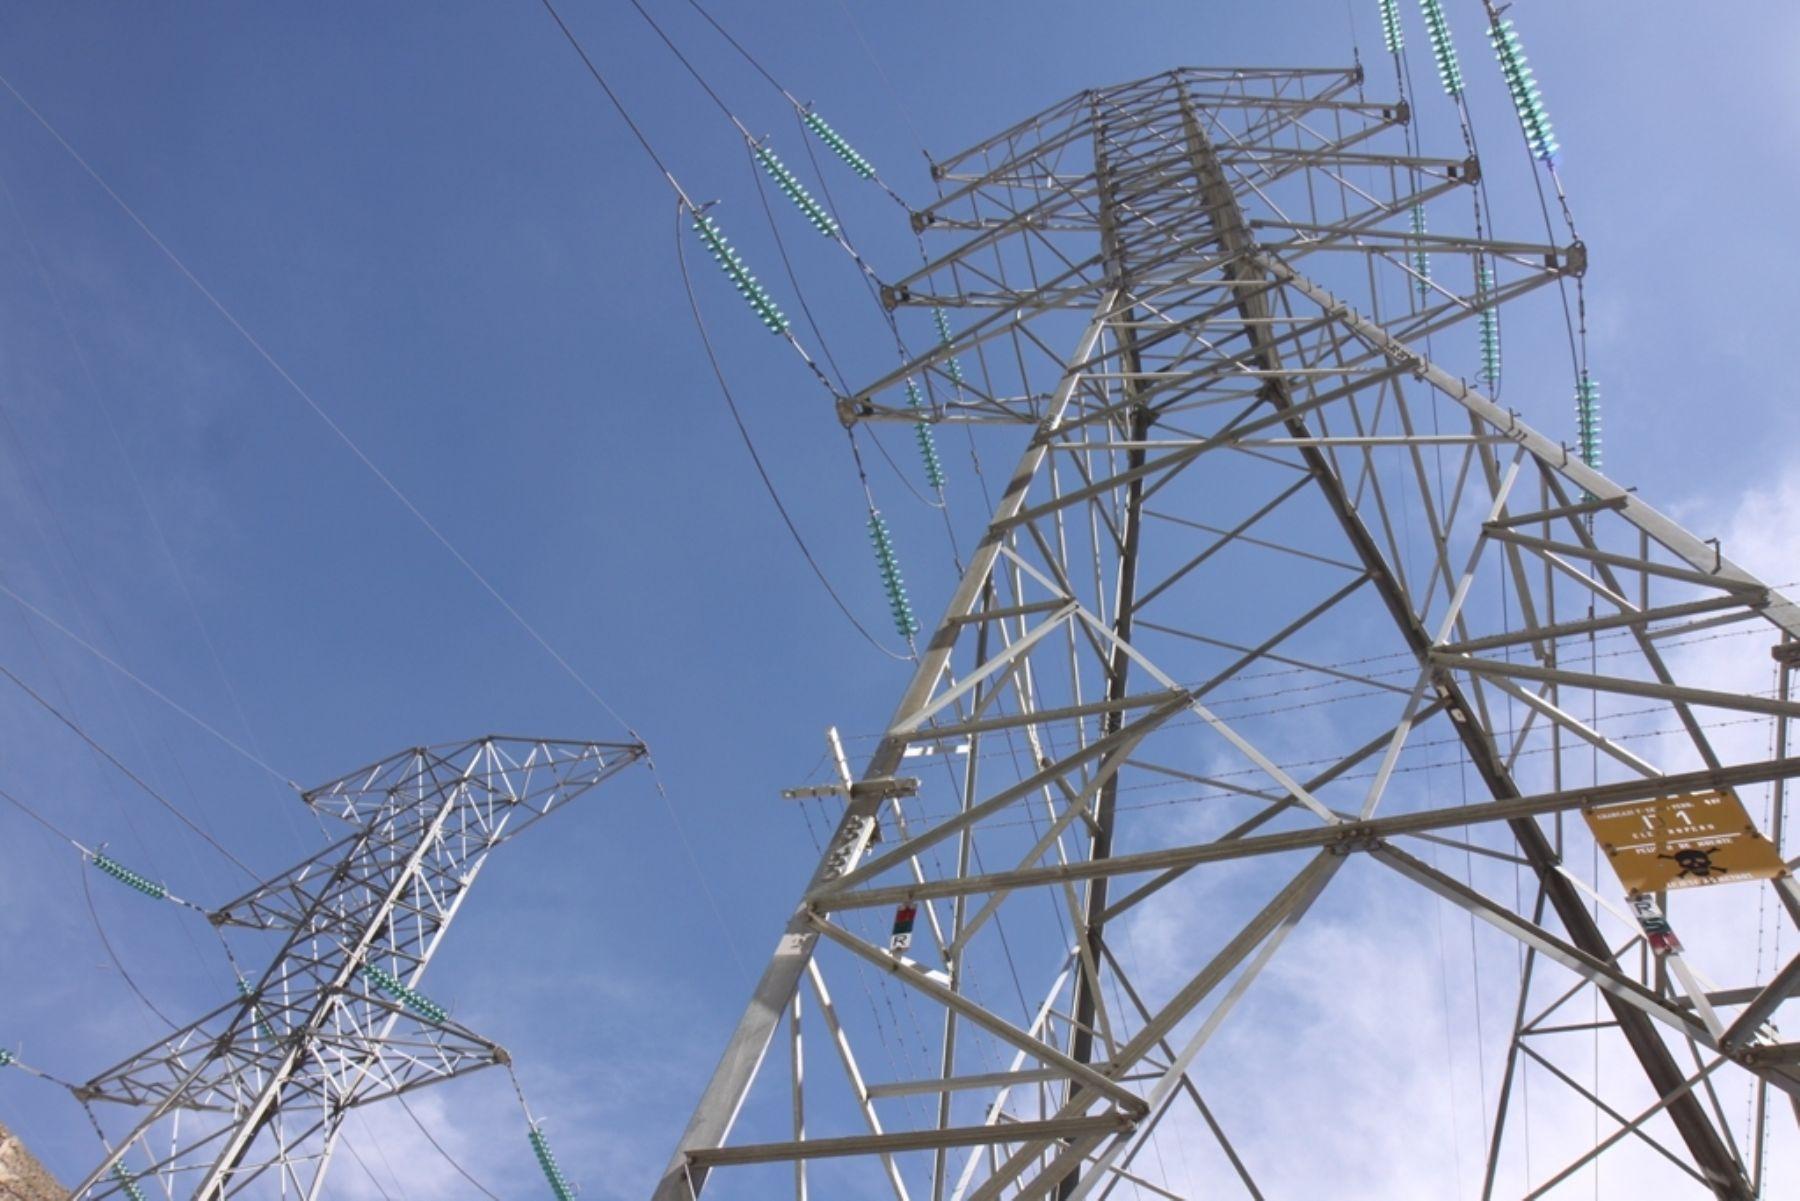 Minem apeló histórica sentencia sobre consulta previa de línea de transmisión eléctrica Moyobamba-Iquitos